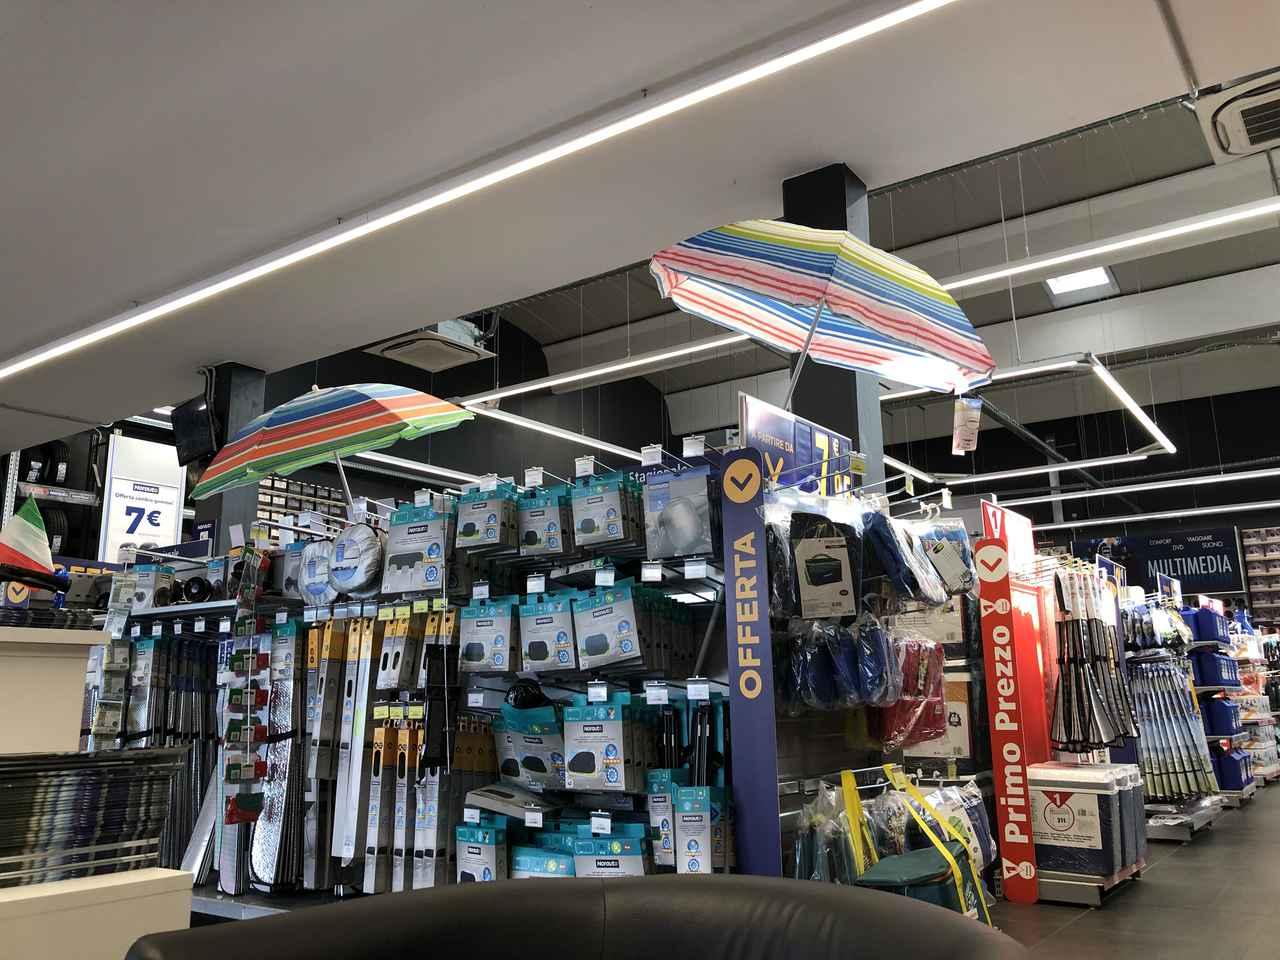 画像: 販売コーナーの様子。夏休み時期ということで、サンシェードやパラソルが目立つ。